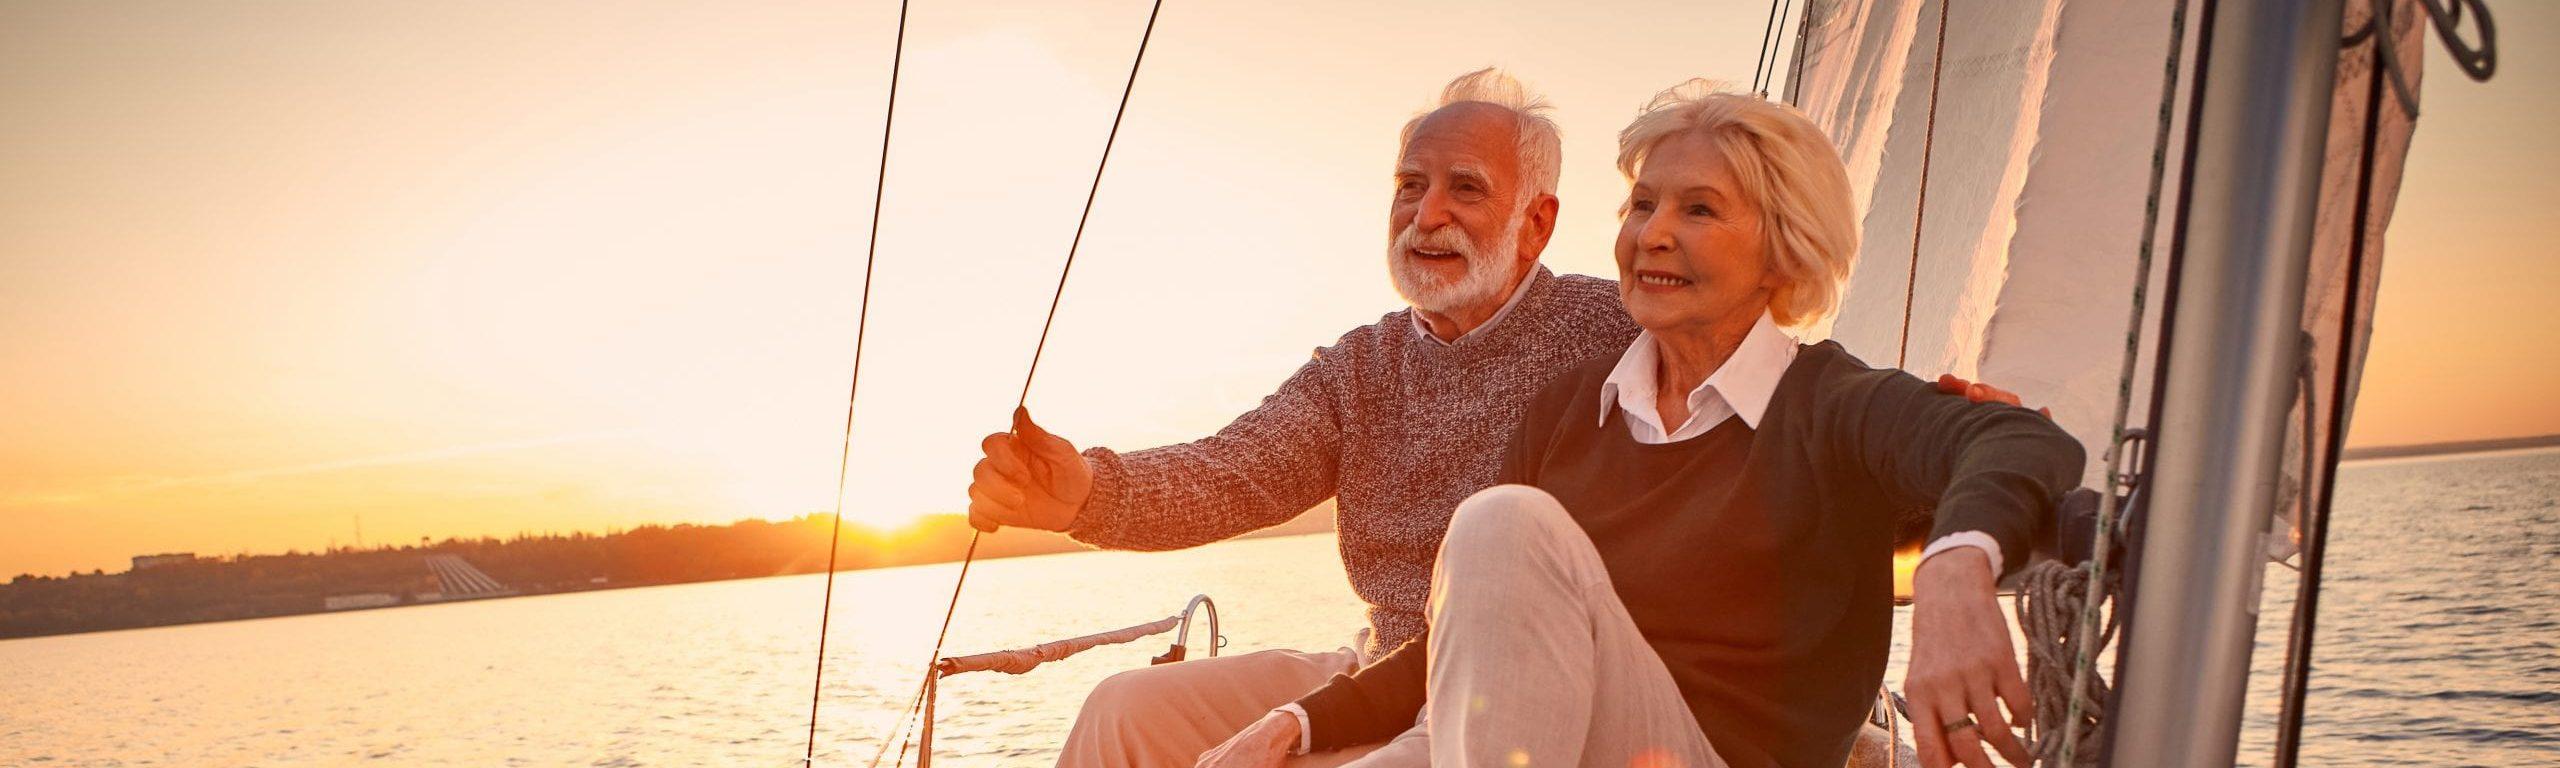 Glückliches Senioren-Ehepaar auf einem Segelboot.